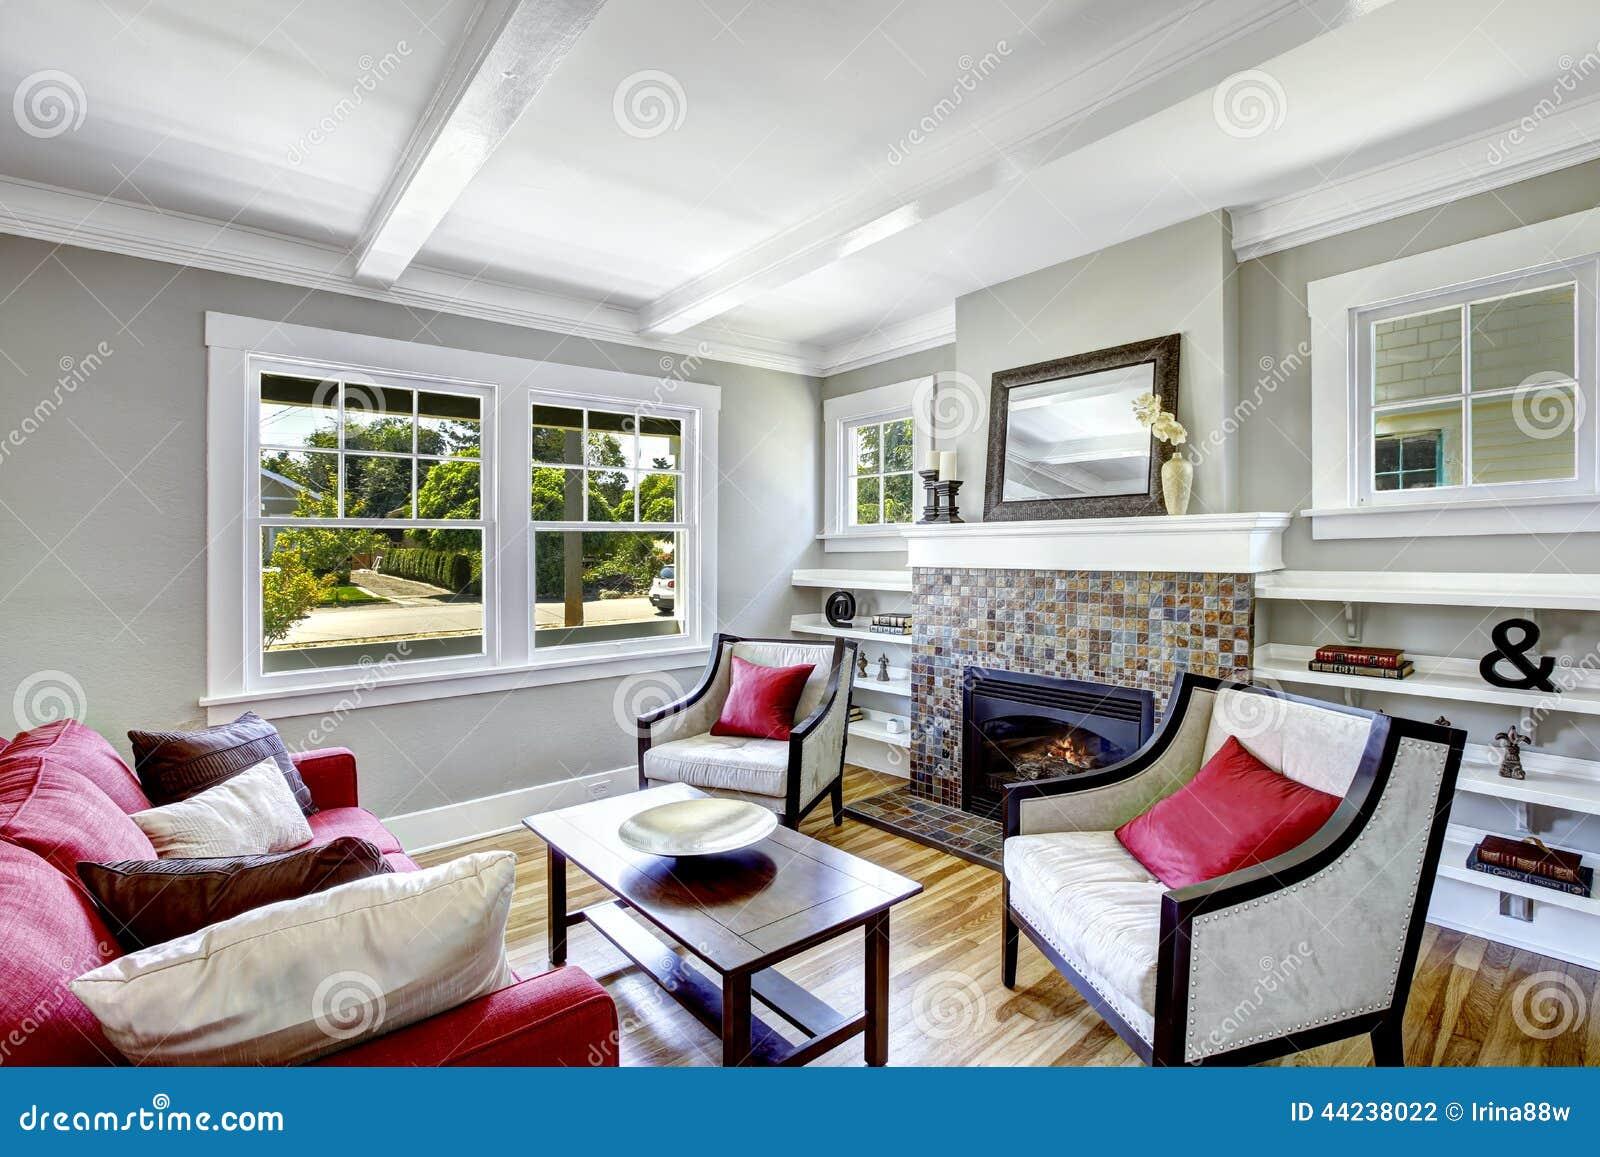 Gemtliches Kleines Wohnzimmer Mit Kamin Stockfoto